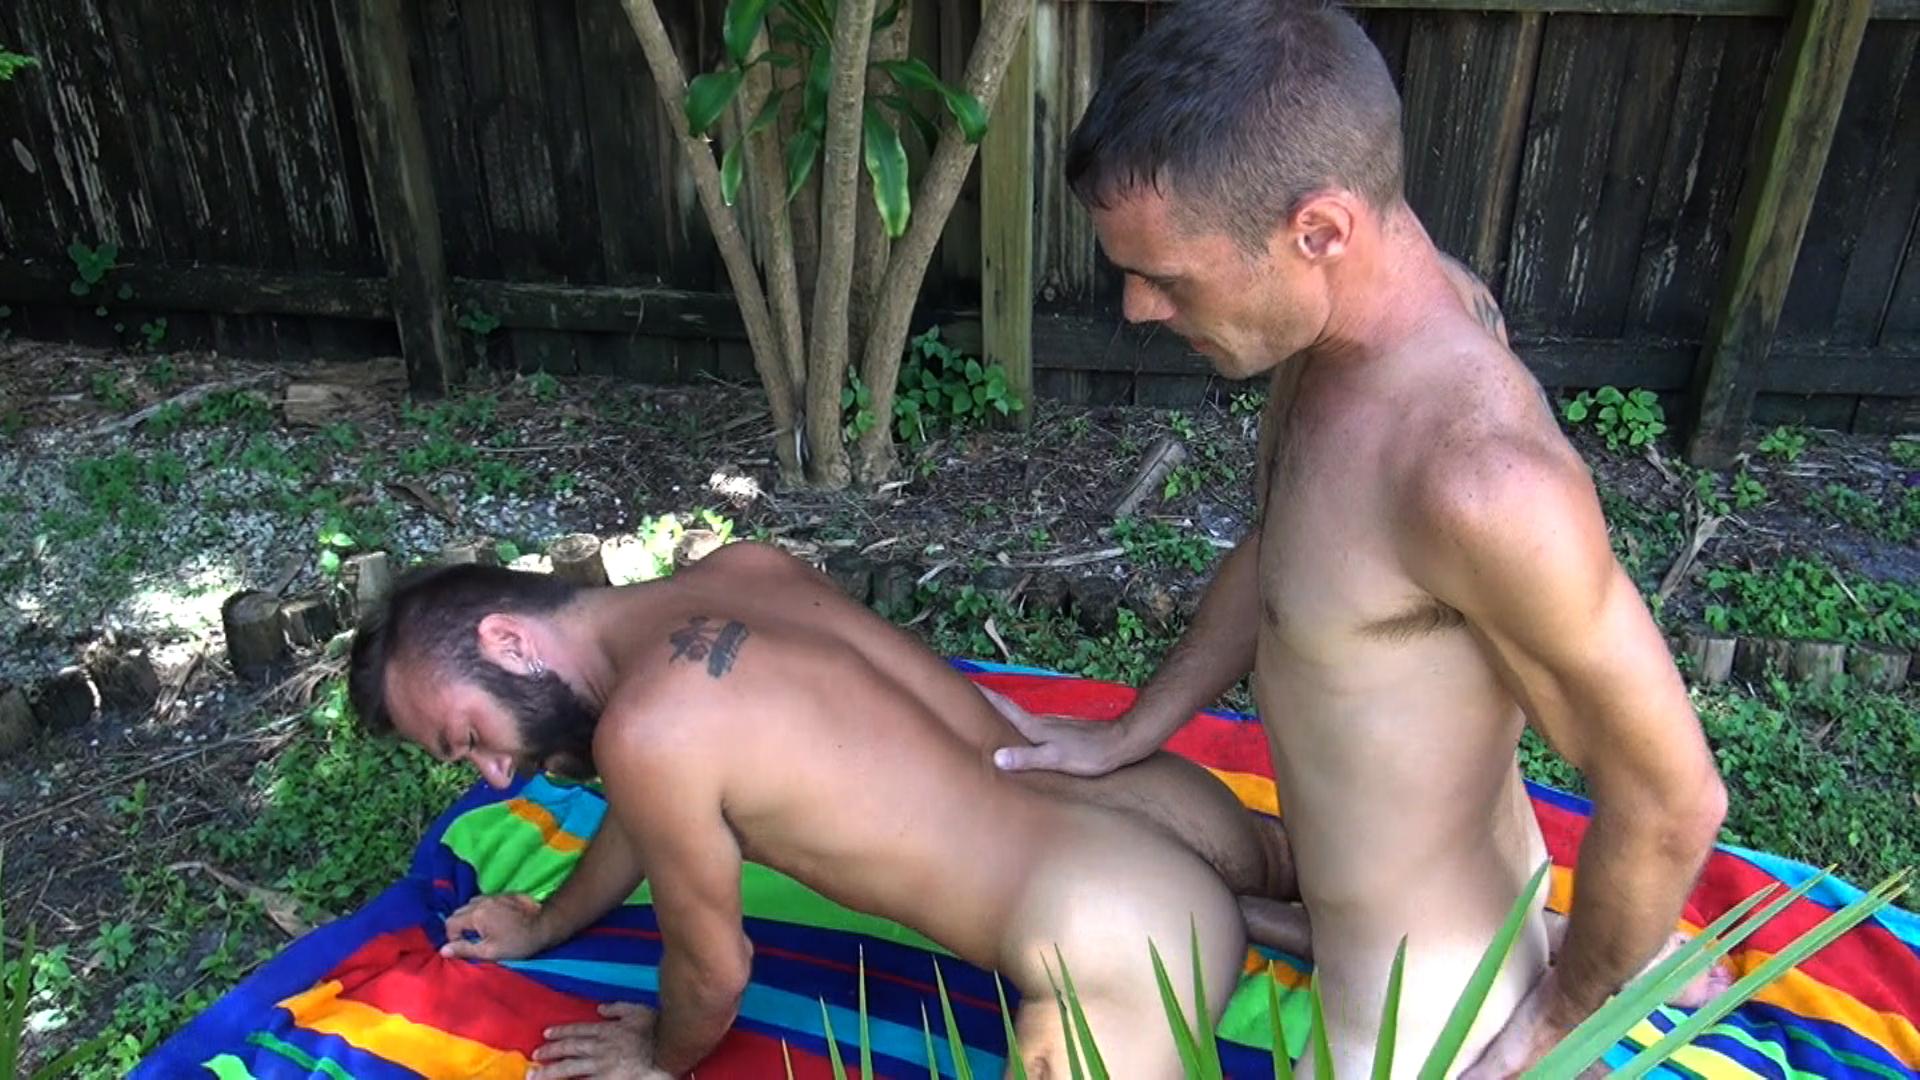 Buddy Gay Videos 16